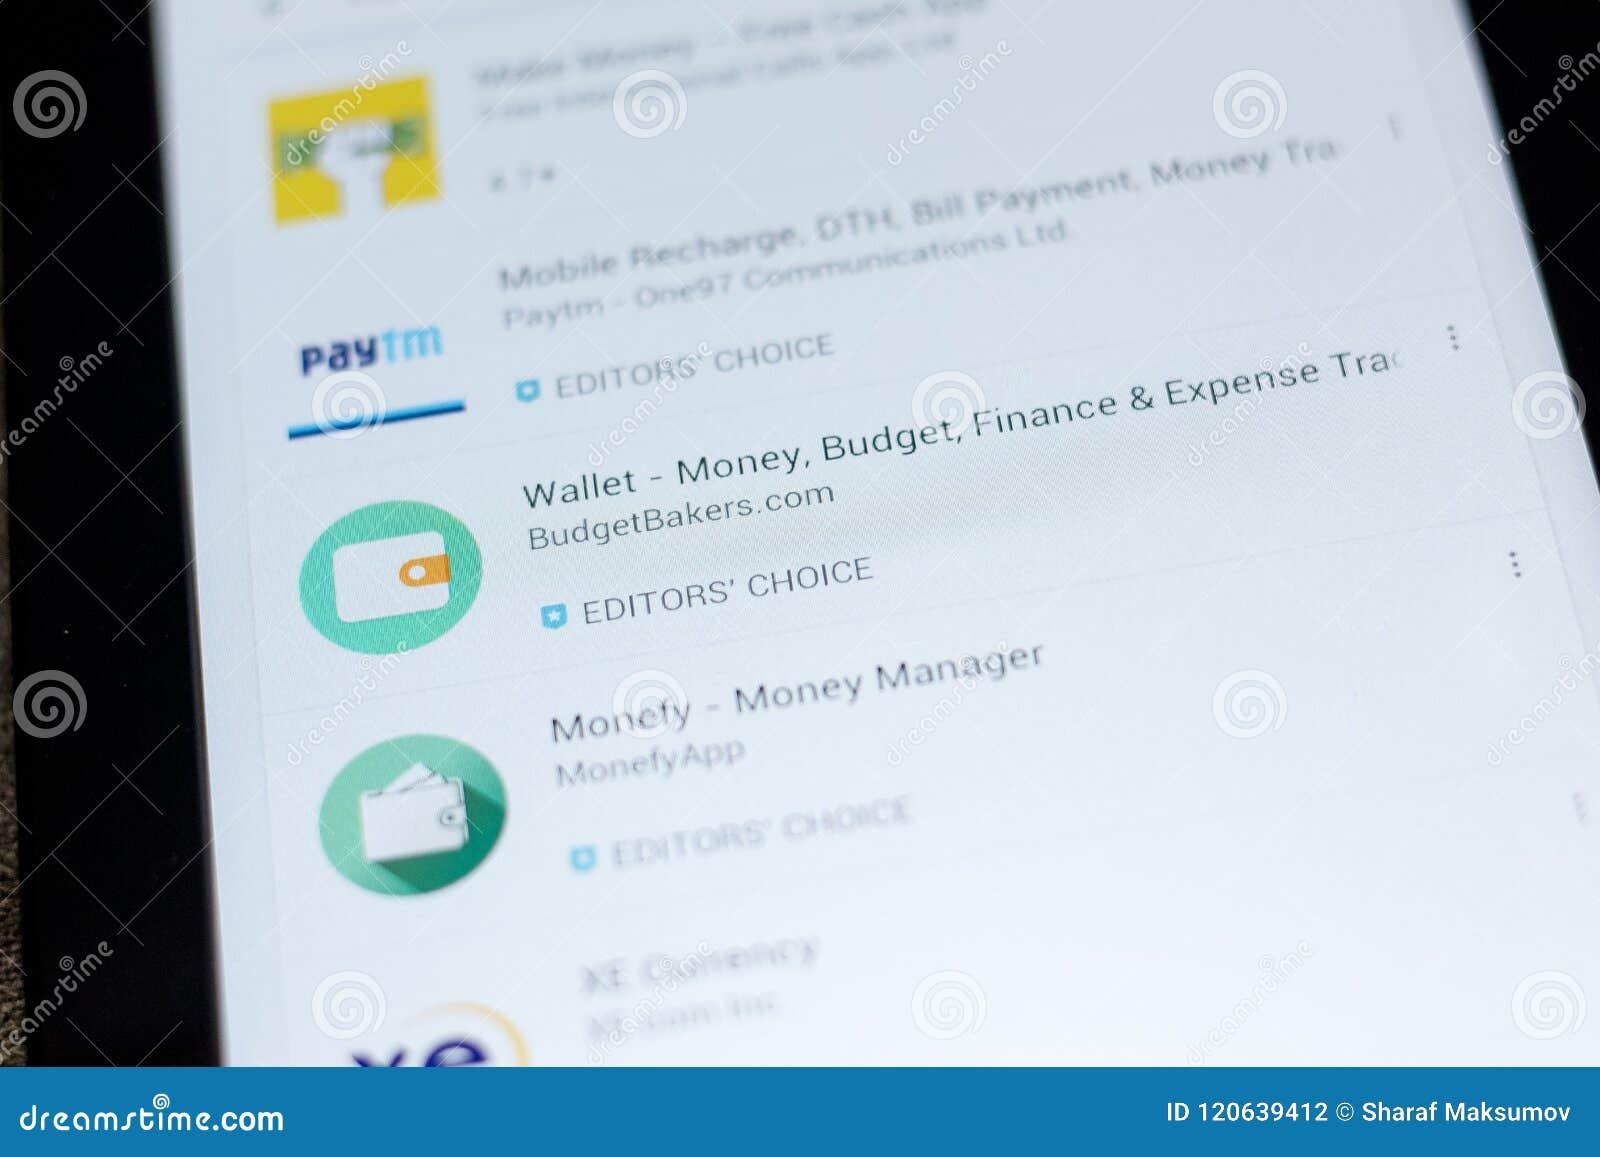 Ryazan, Russia - July 03, 2018: Wallet - Money, Budget